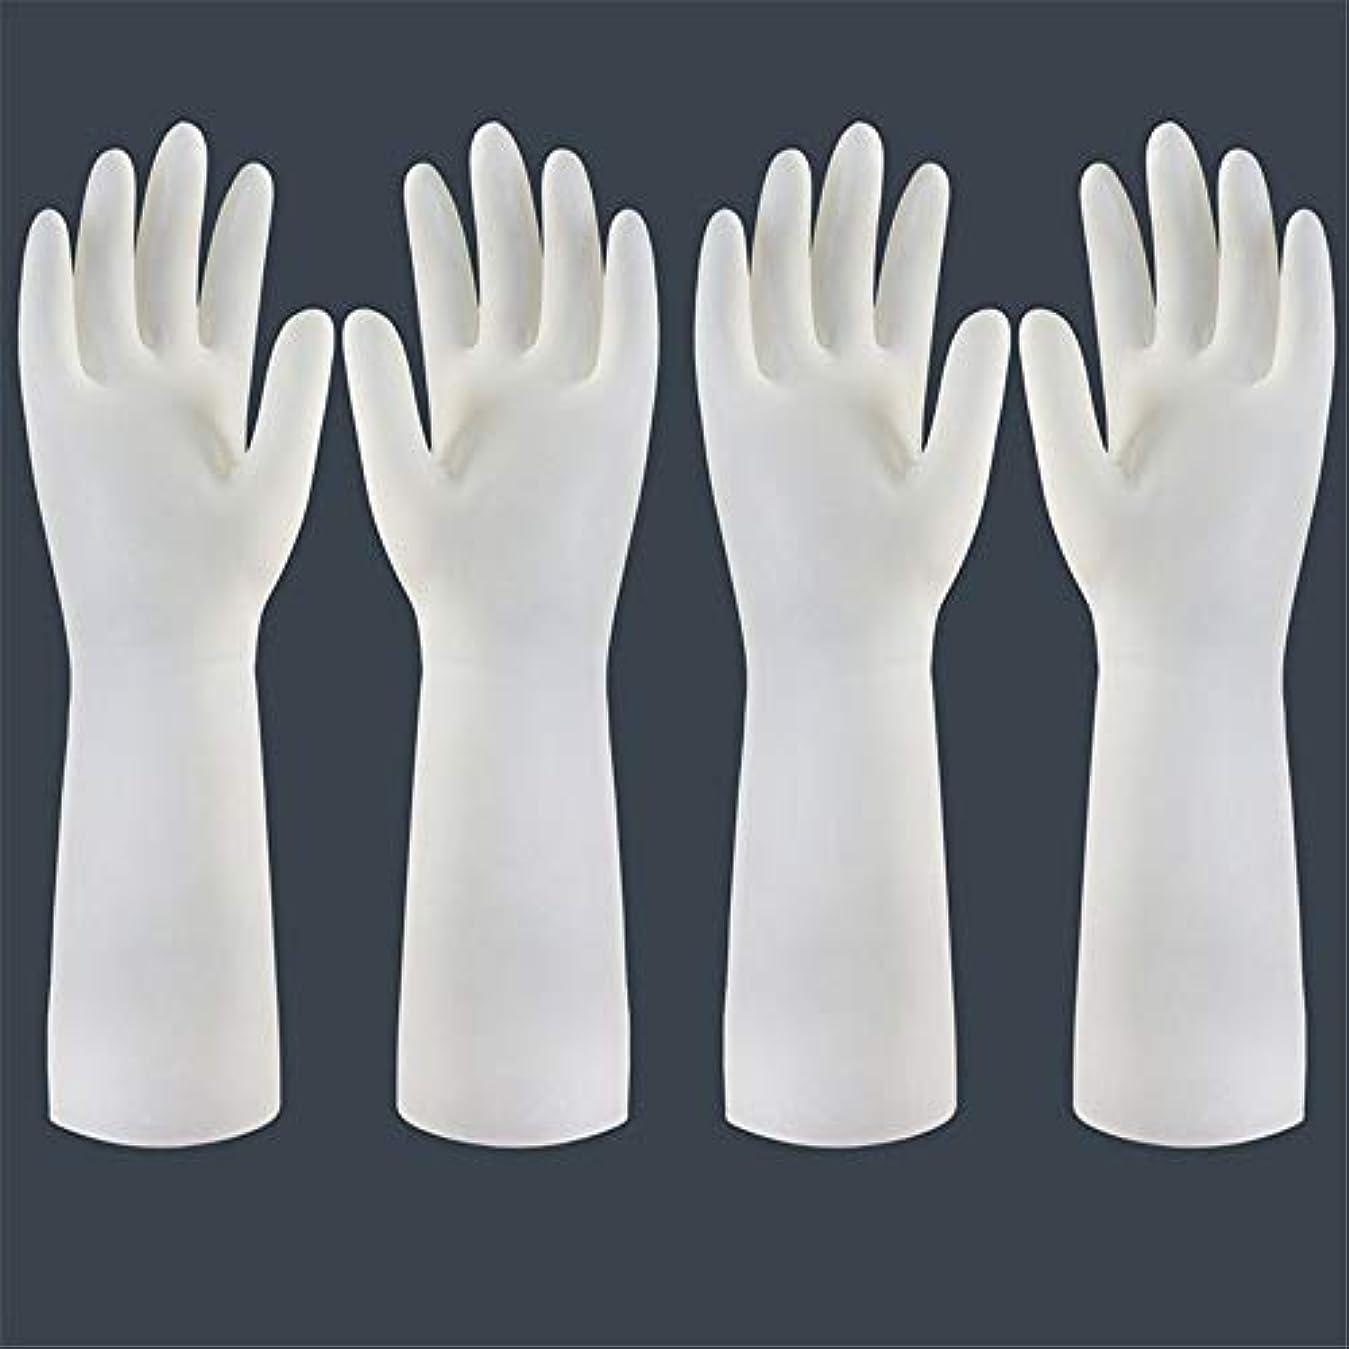 毒抑圧する富豪使い捨て手袋 使い捨て手袋の防水および耐久のゴム製台所手袋、小/中/大 ニトリルゴム手袋 (Color : Long-2 pair, Size : S)